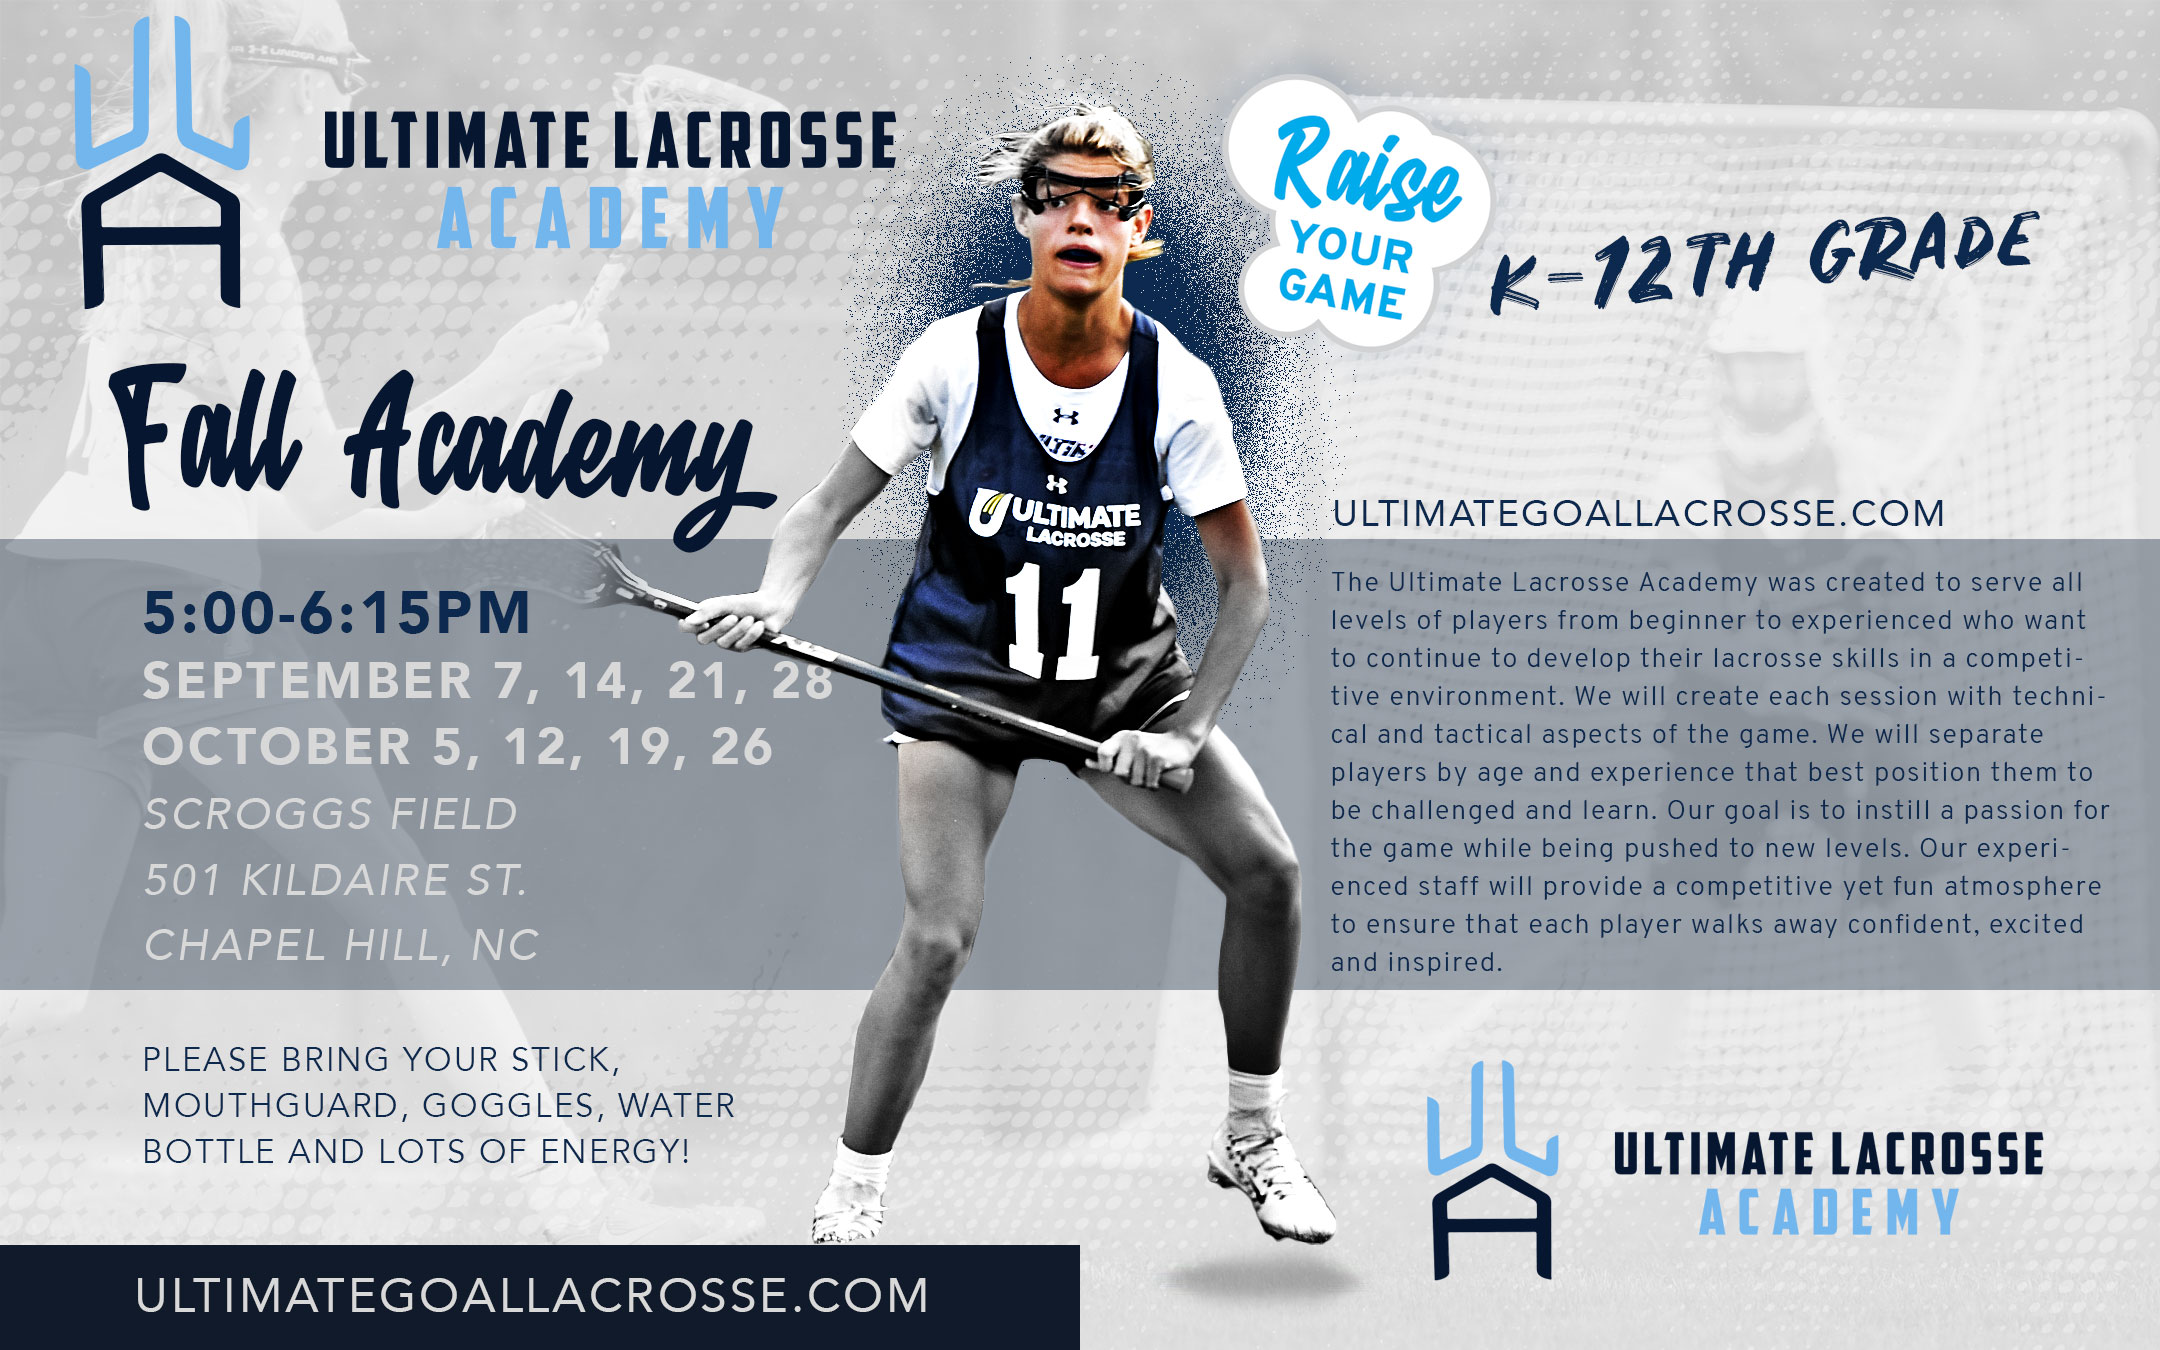 Carolina-Fall-Academy